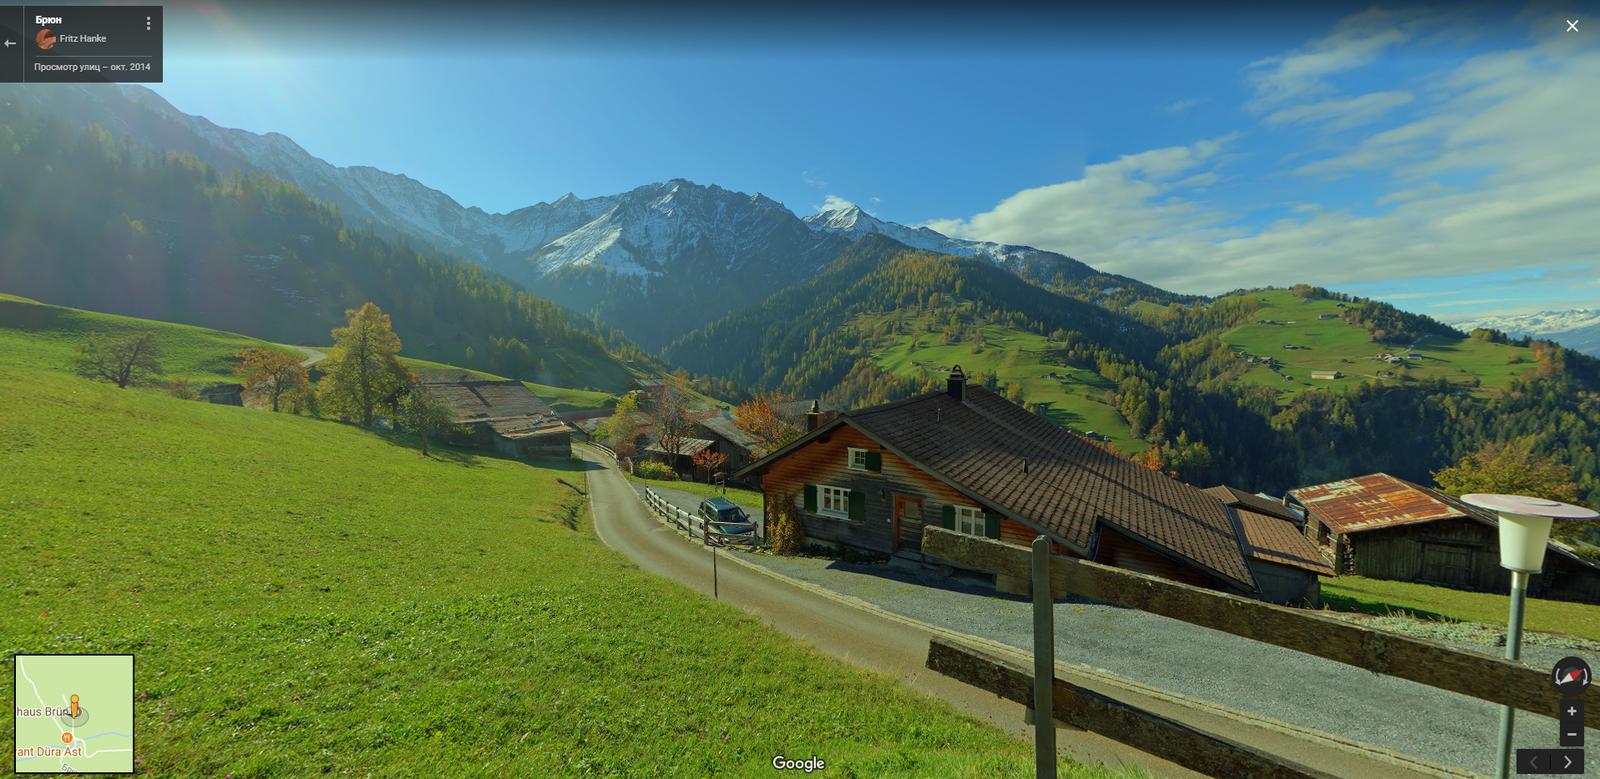 Обои швейцария, swiss alps, zermatt, долина, дома, альпы. Пейзажи